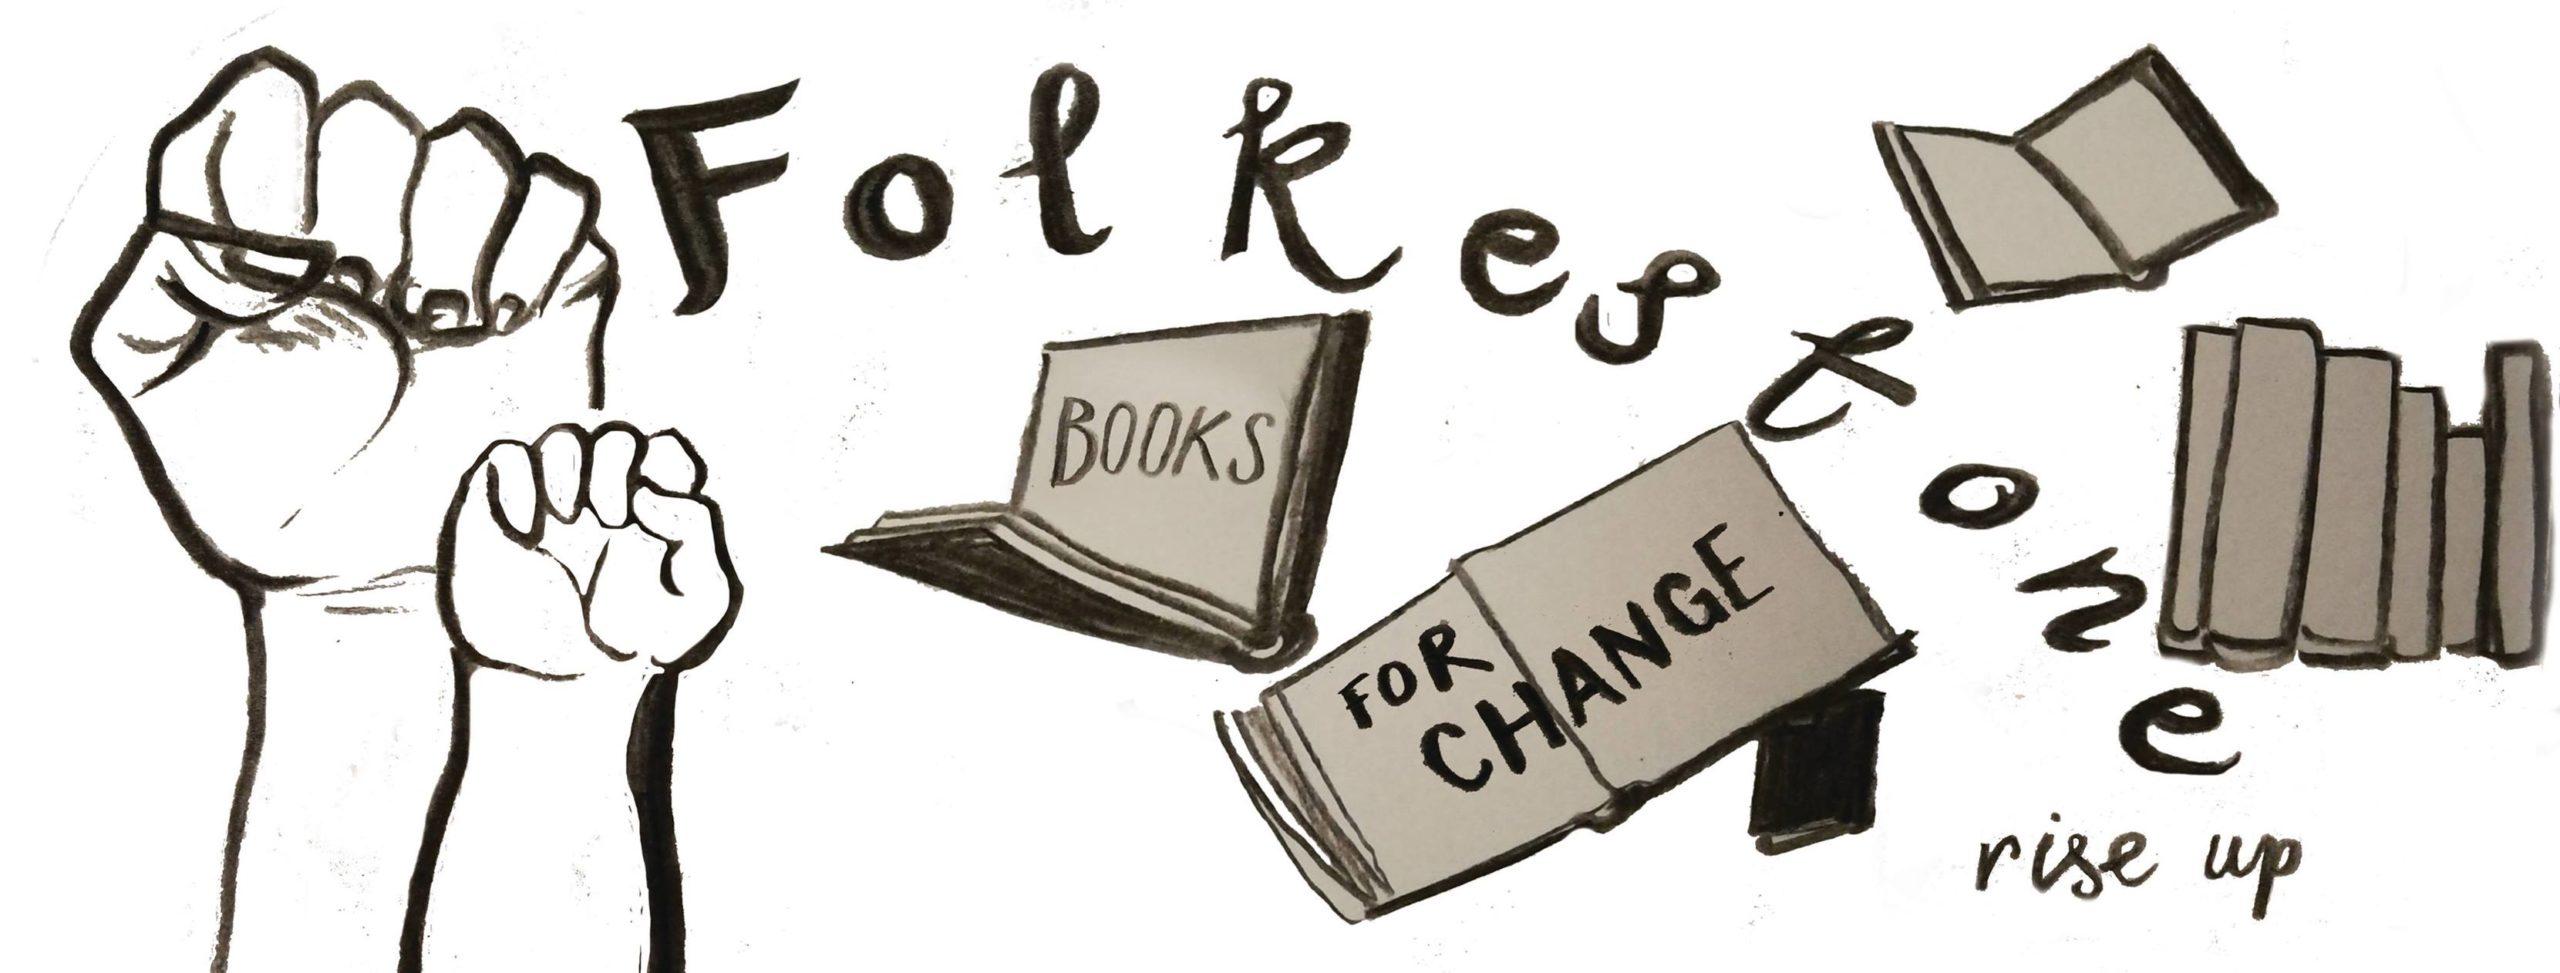 Folkestone Books For Change Black Lives Matter